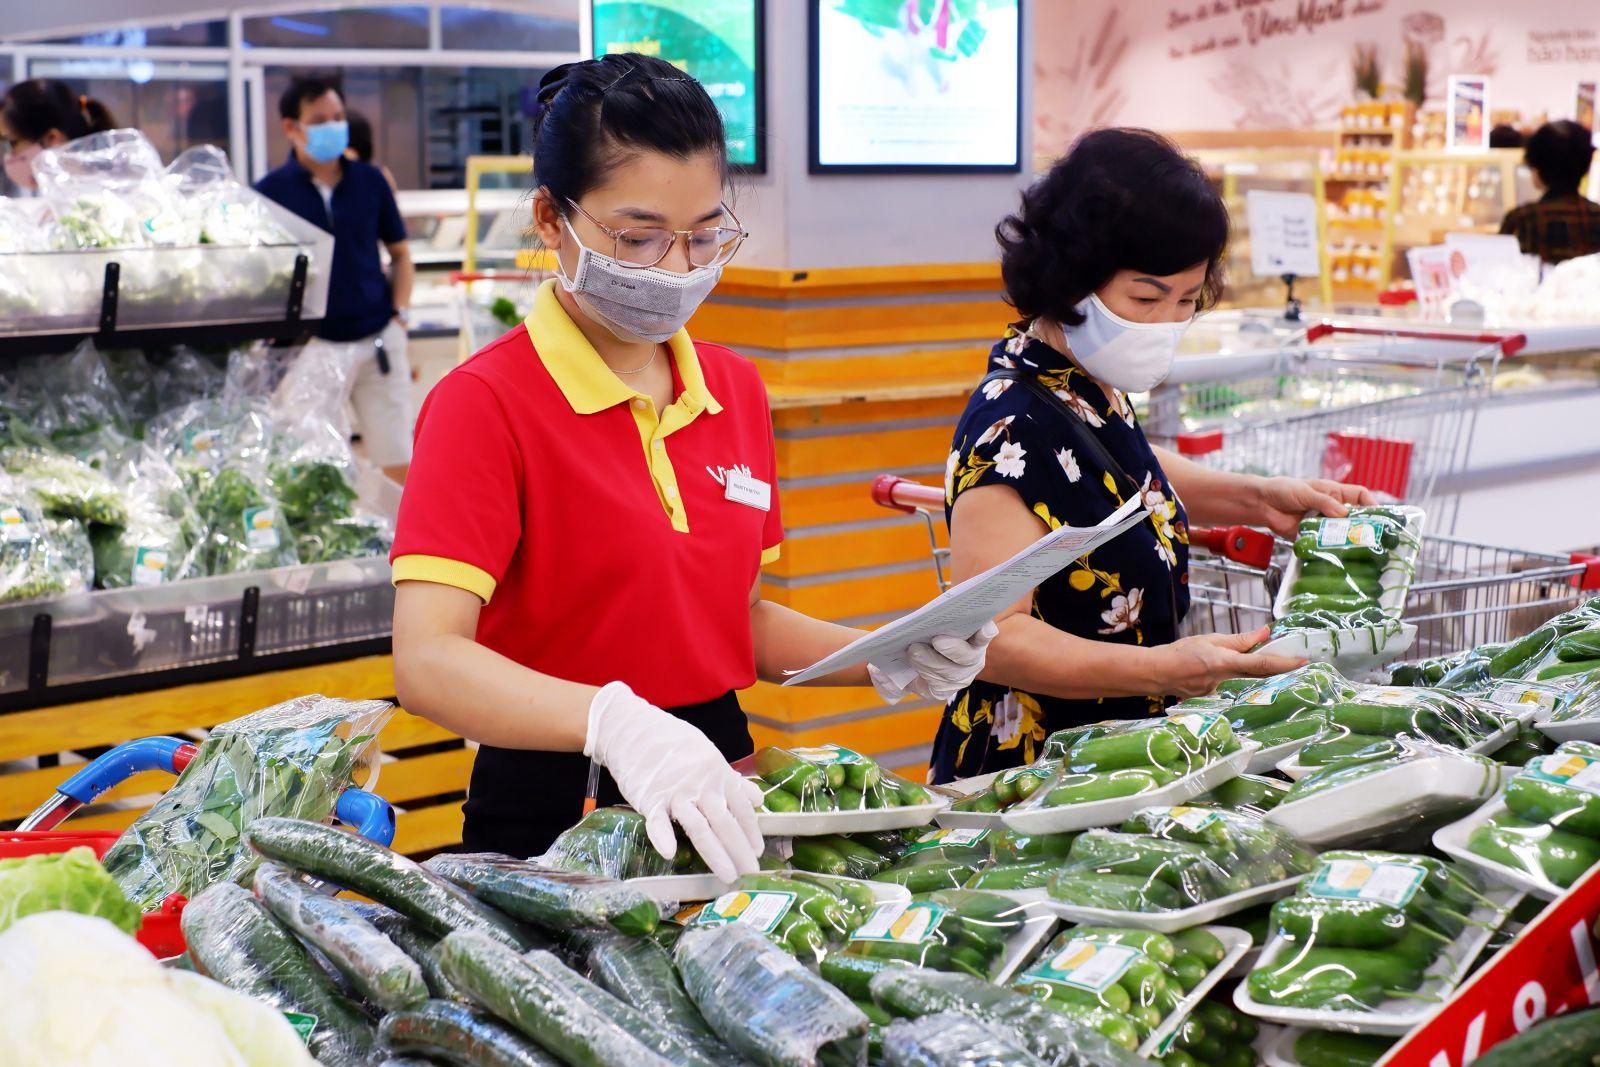 Hàng hóa tươi ngon phục vụ người tiêu dùng tại VinMart.